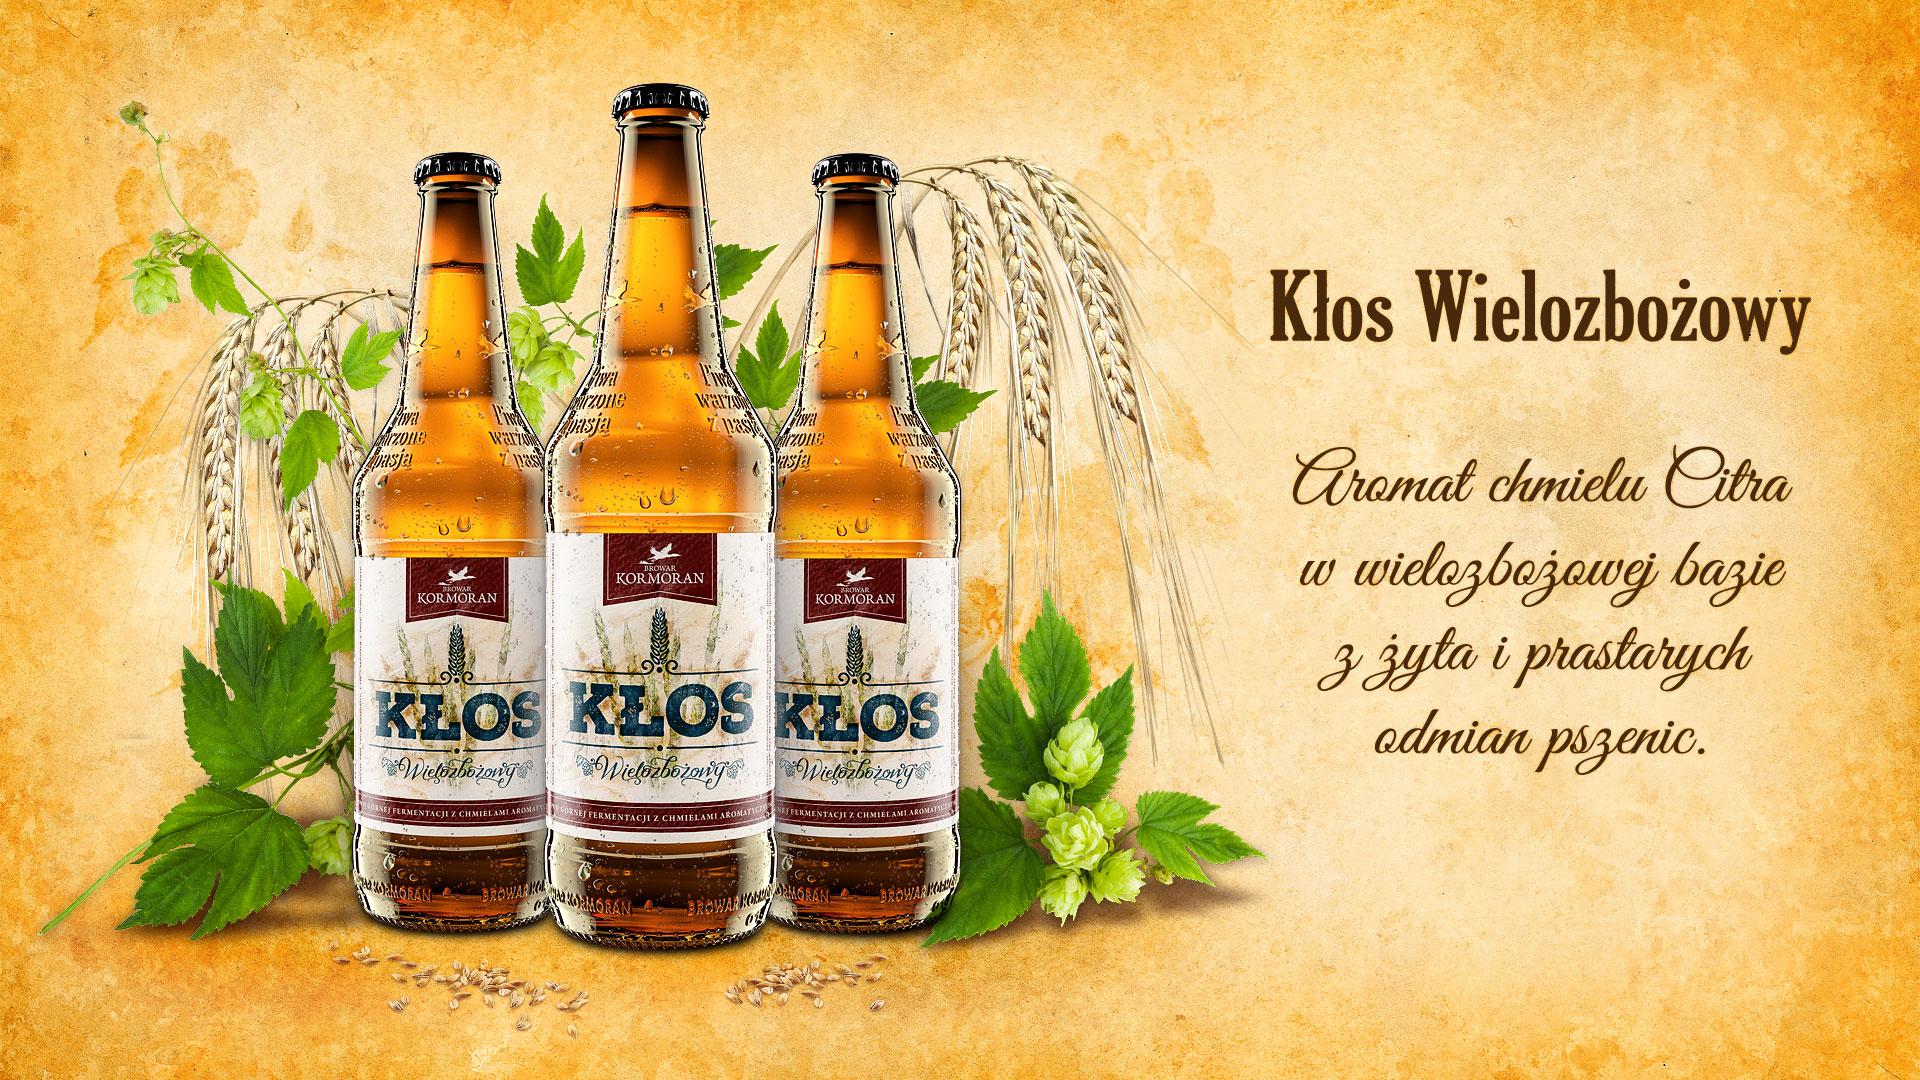 Piwo Kłos Wielozbożowy - Browar Kormoran